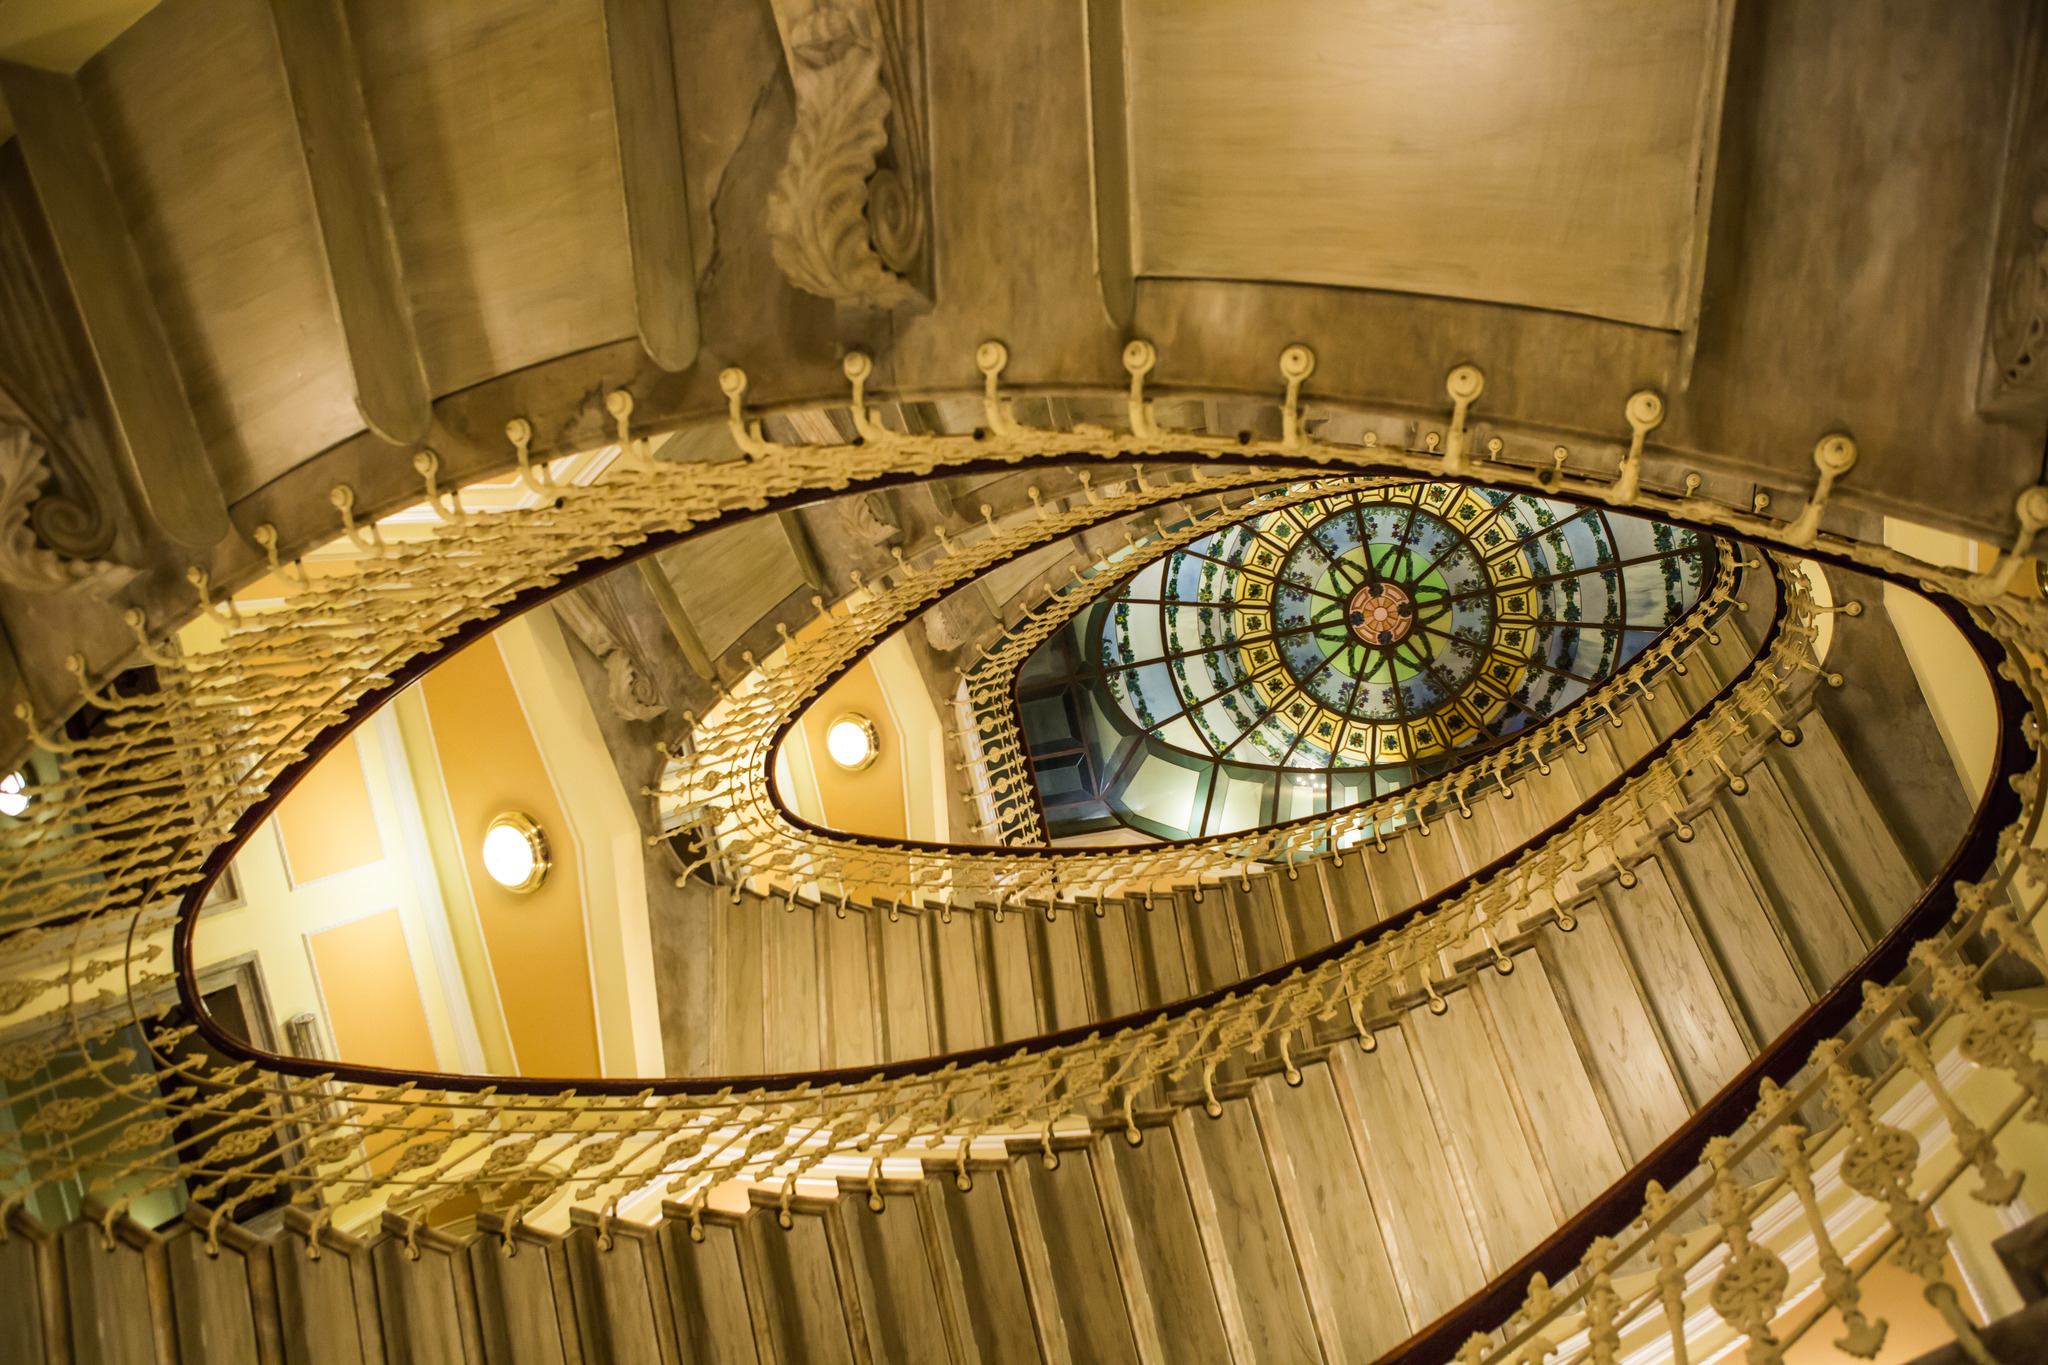 Migliori hotel italiani: Hotel Bristol Palace tra le 100 Eccellenze Italiane per Forbes